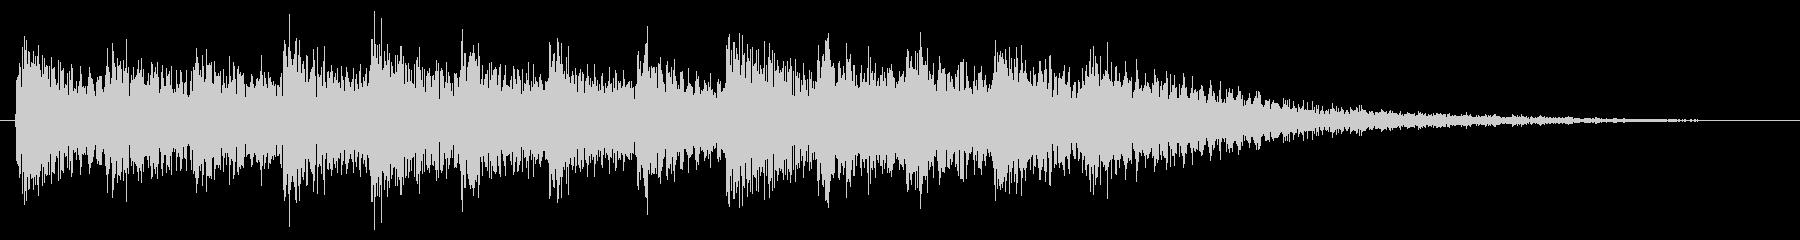 和風効果音 琴 場面転換 切替 Ver2の未再生の波形